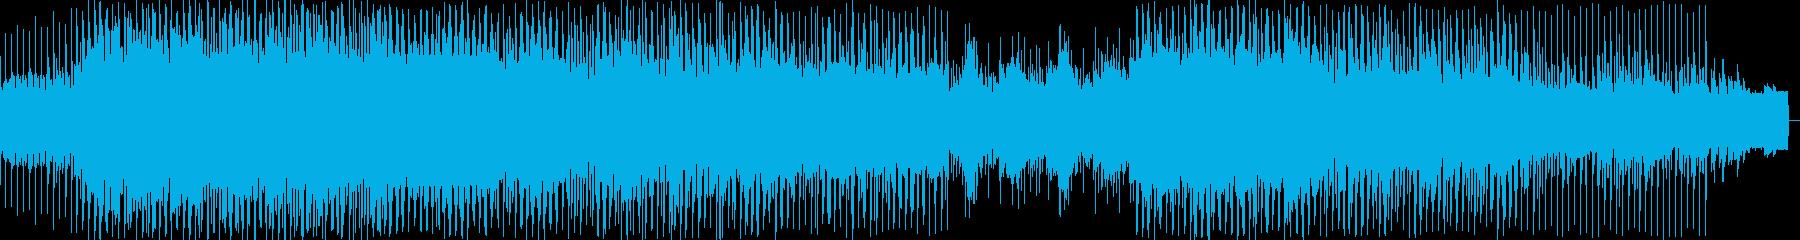 動画 サスペンス 電子打楽器 技術...の再生済みの波形